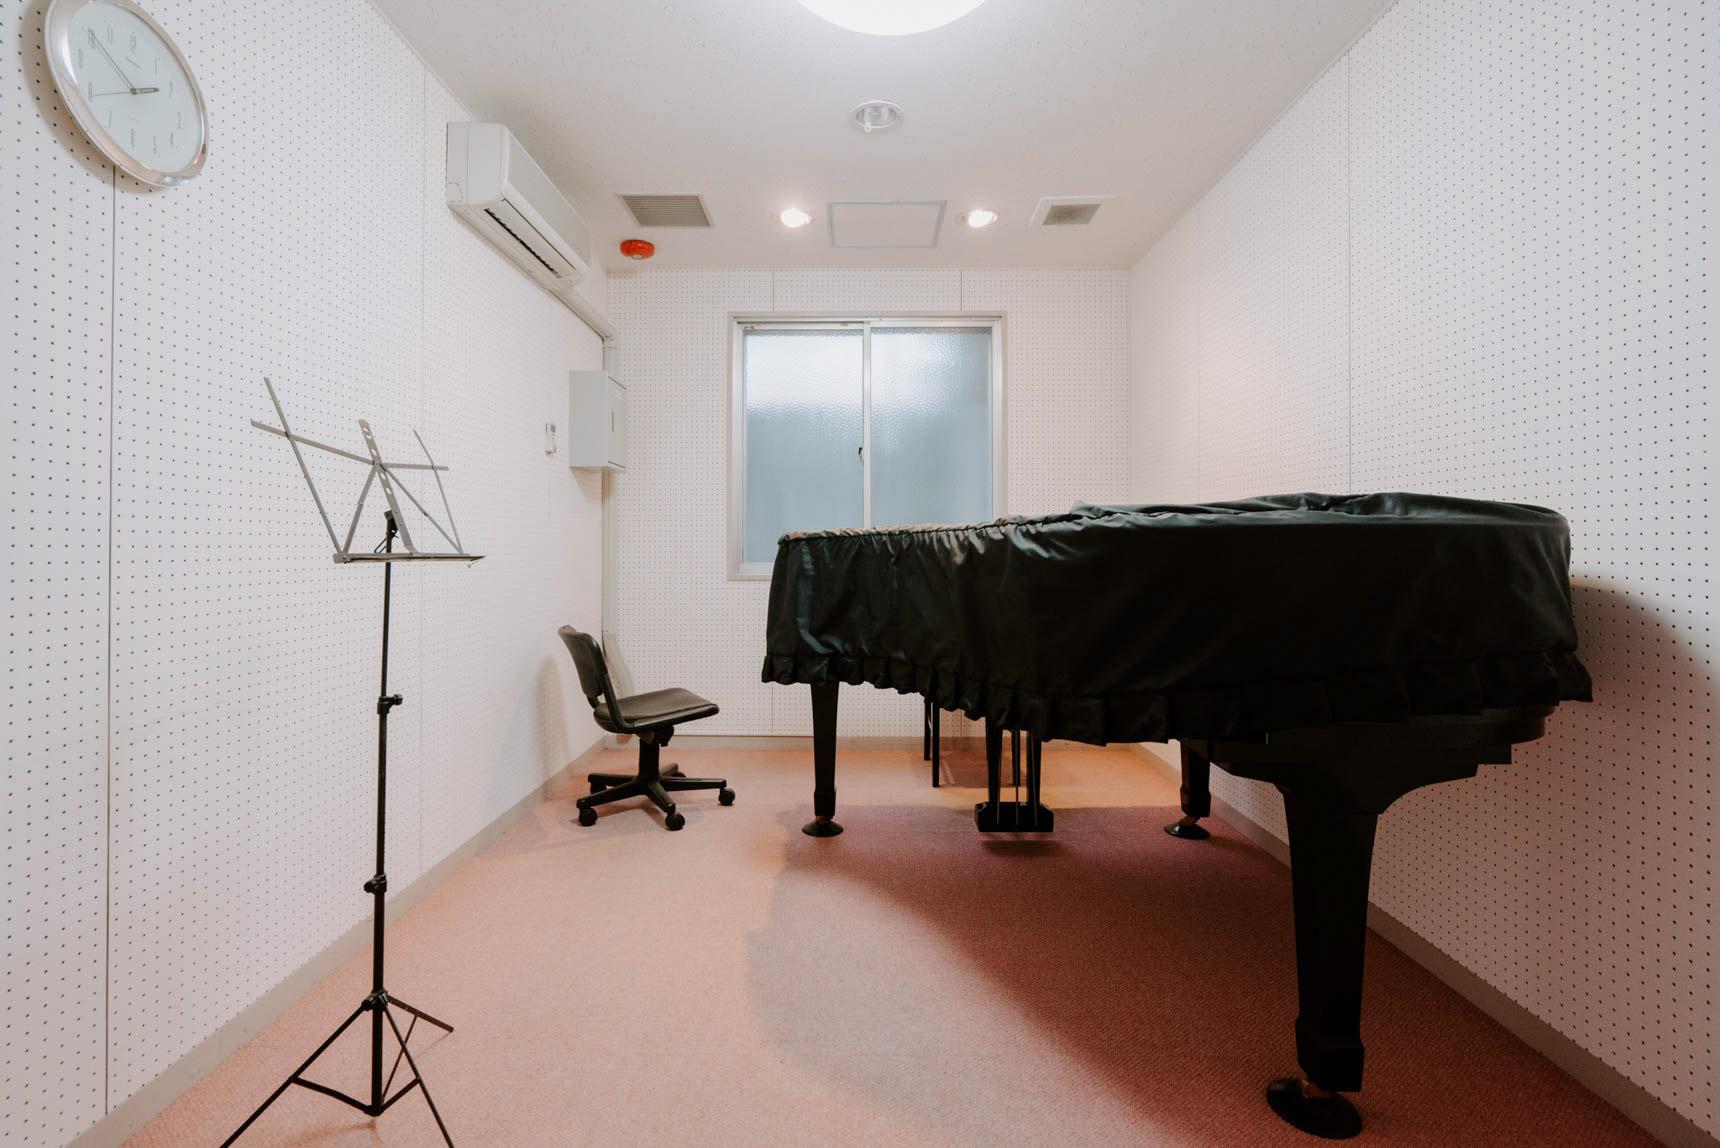 音大生の方も必見。なんと5室もあるピアノルームは、グランドピアノを備えたお部屋まで。集中して練習できる環境が素晴らしい。